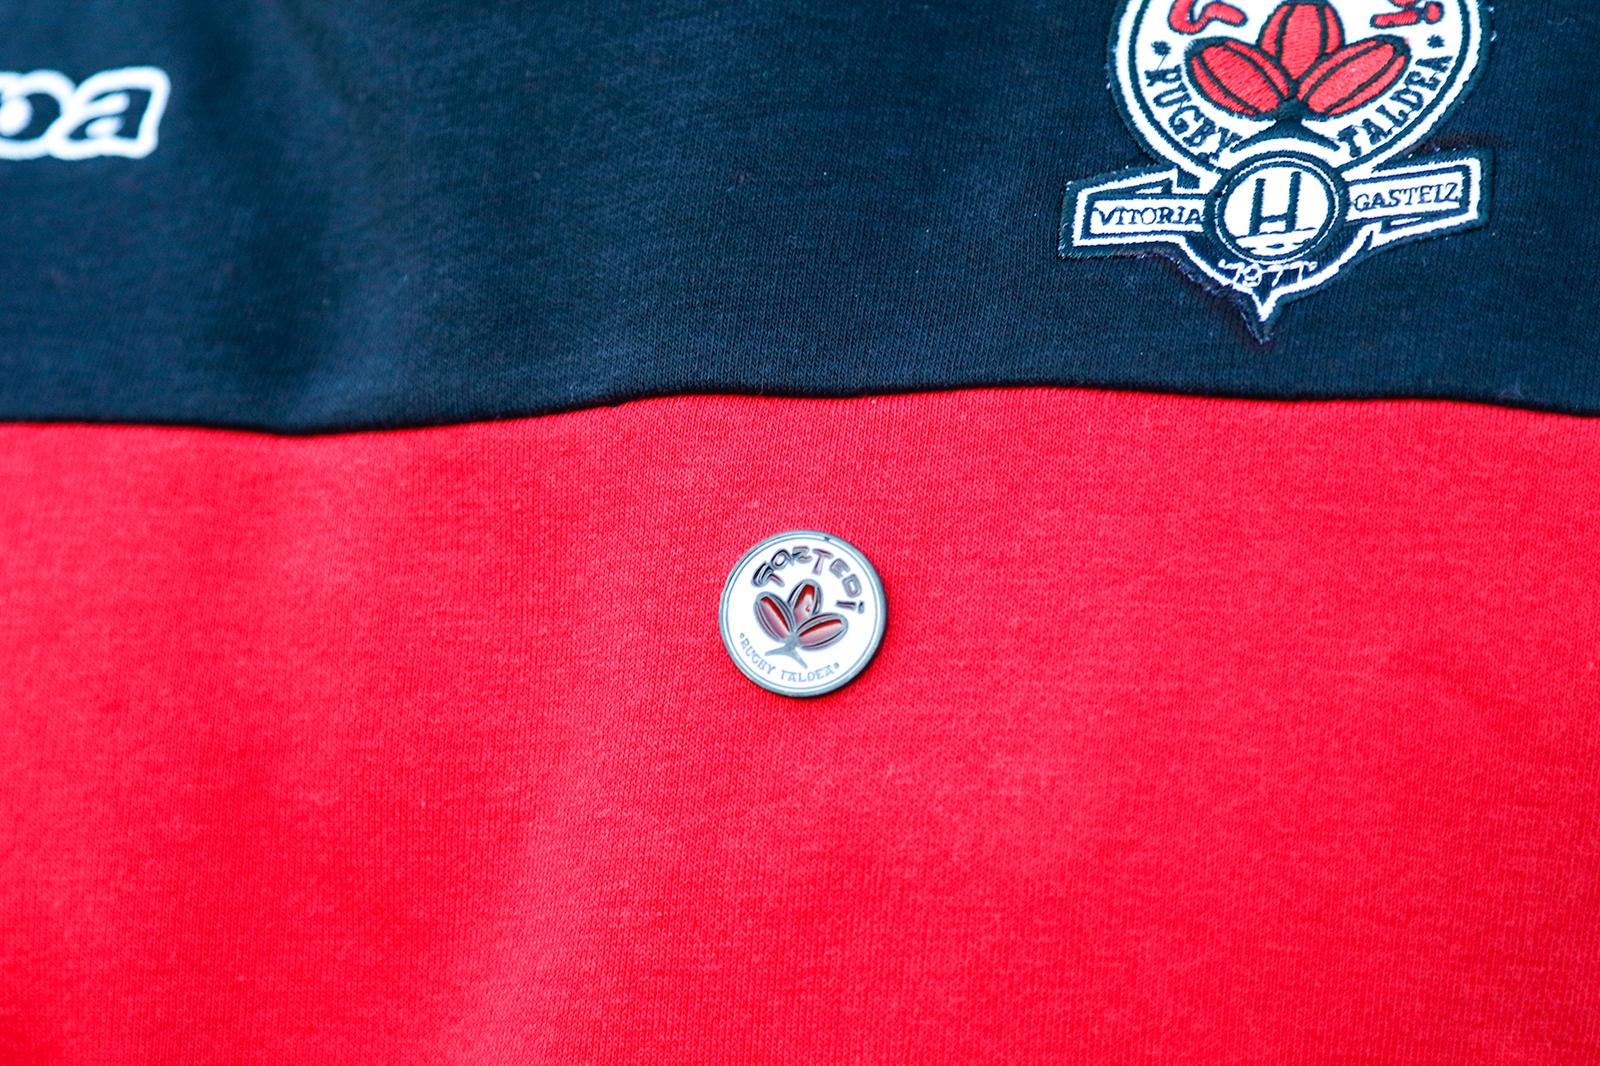 """Pin """"Gaztedi Rugby Taldea"""" Image"""